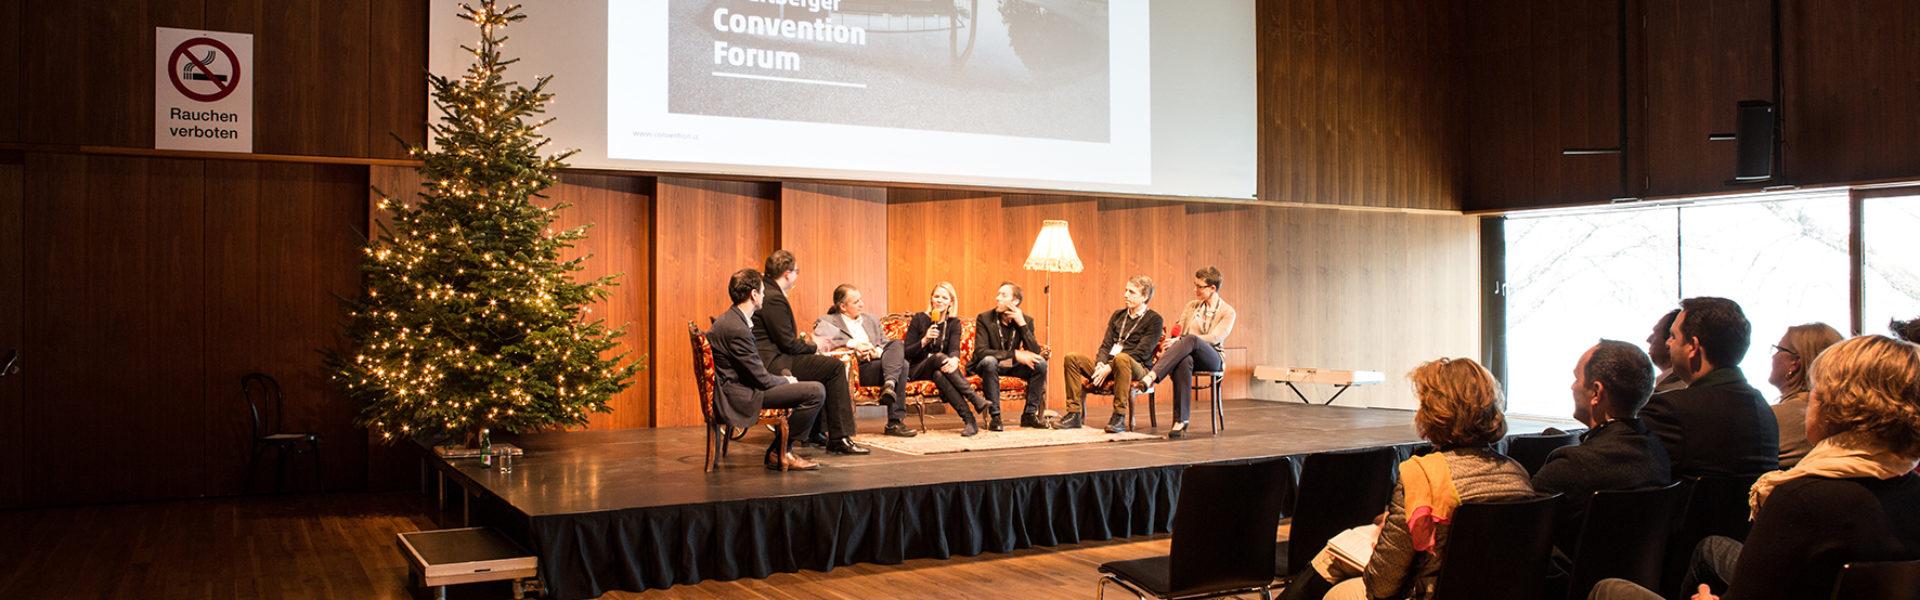 7. Vorarlberger Convention Forum, 13.12.2017, Bregenz, (c) Roswitha Schneider